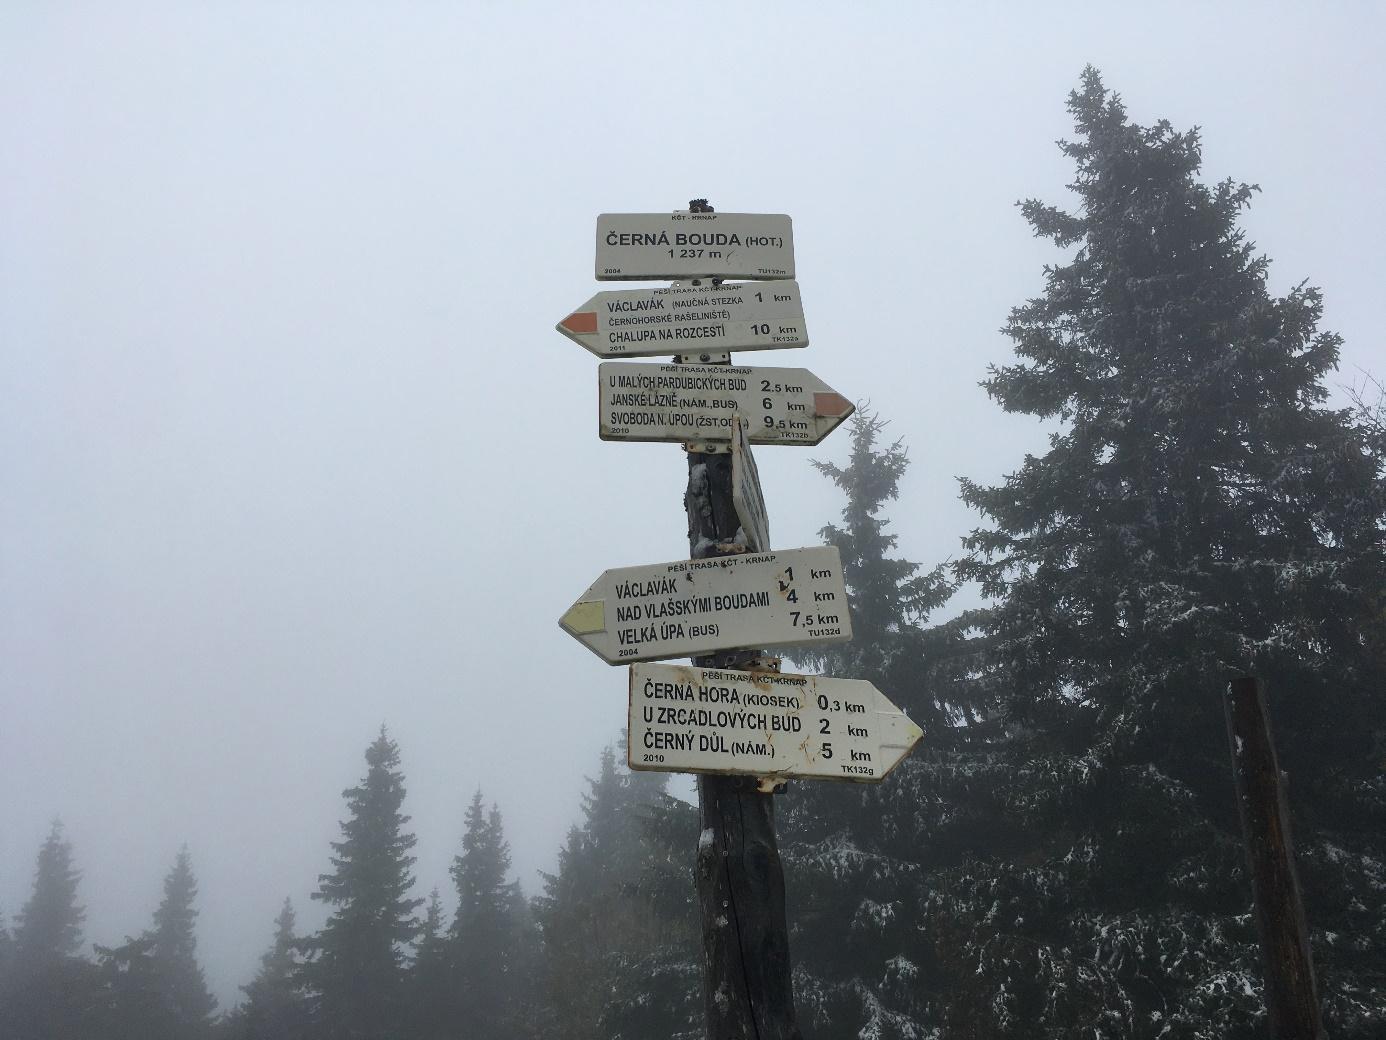 Podzim nebo zima? Obě období si najednou můžete užít na Černé hoře v Krkonoších